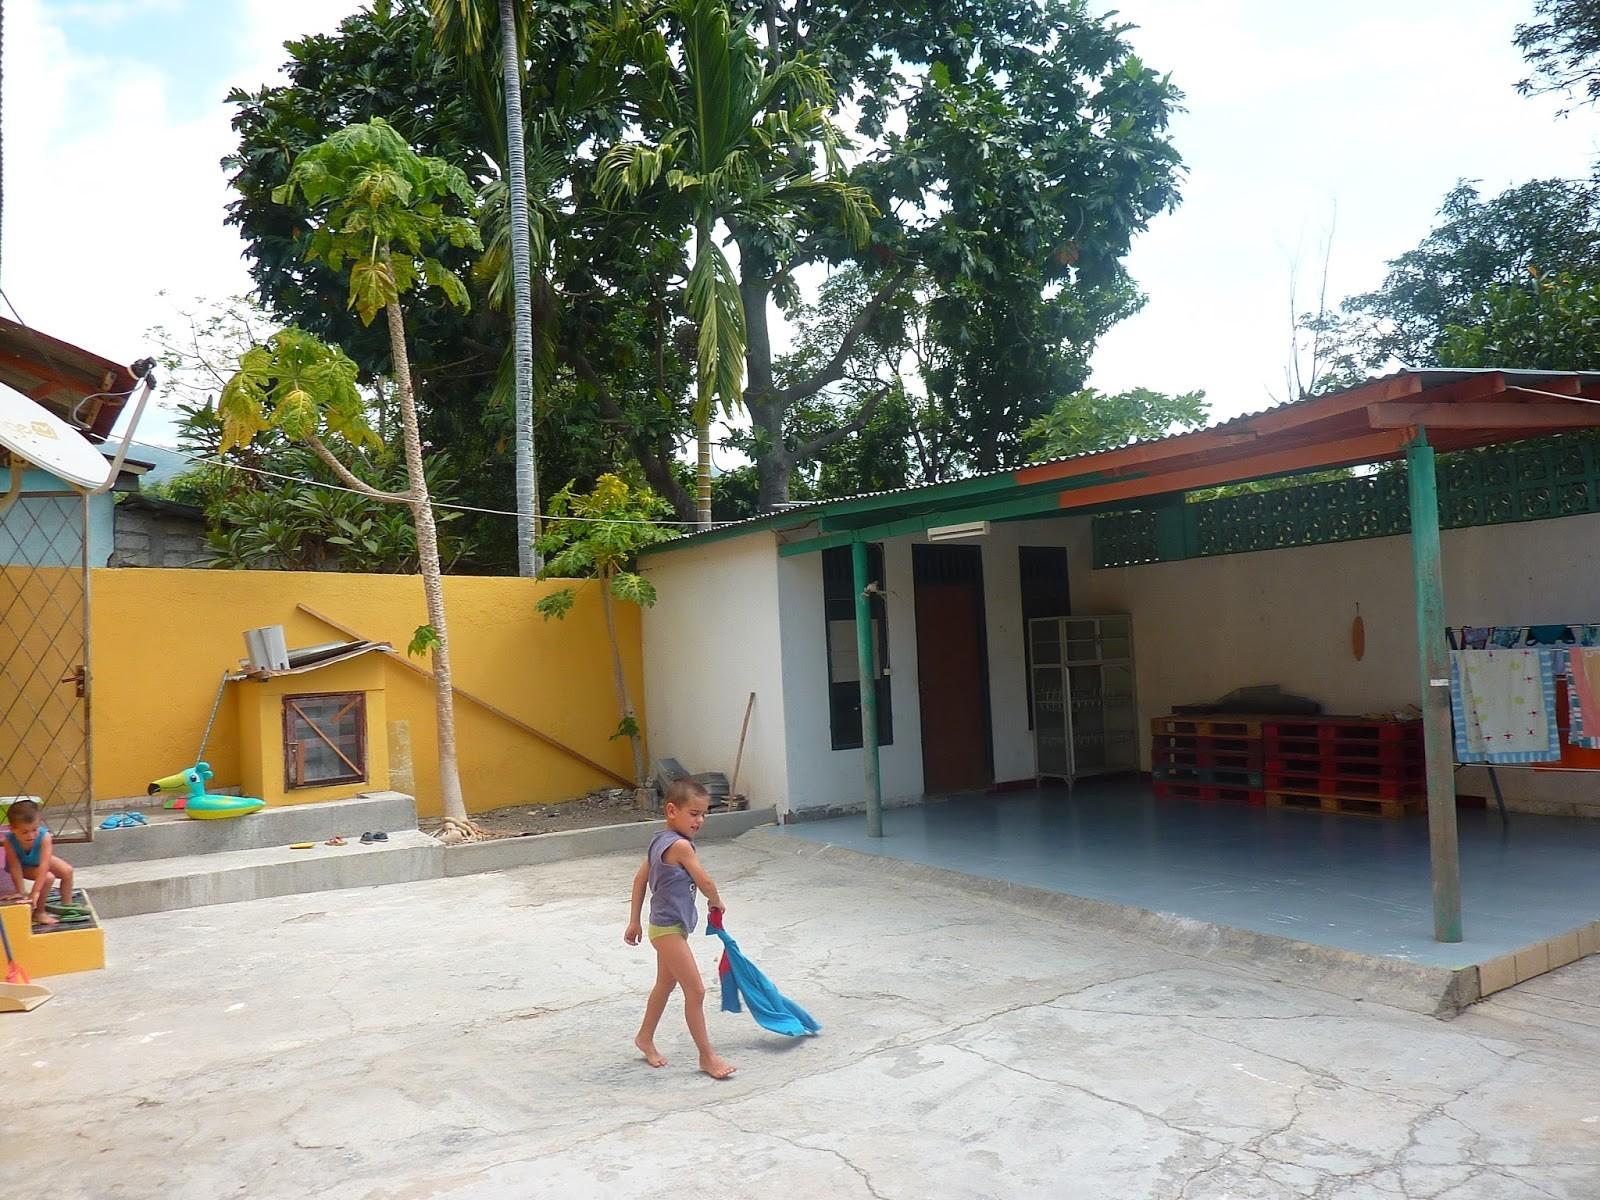 Estava a aterrar em Timor Leste depois de uma escala em Singapura desafiante juntem jetlag crian§as pequenas jetlag quarto alugado no airbnb